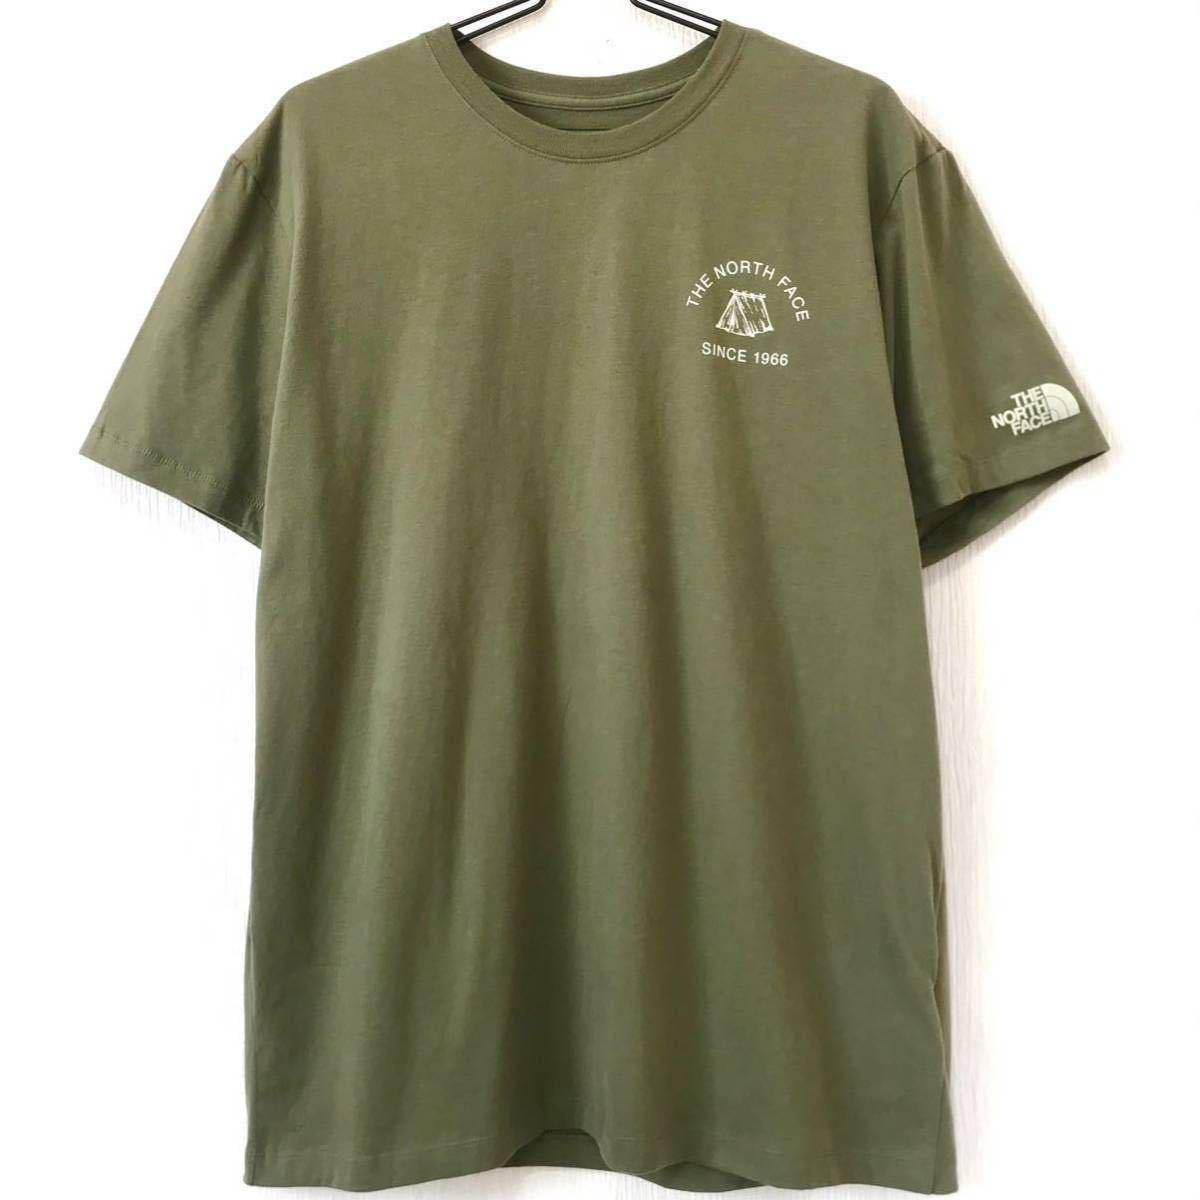 アウトドア系 新品 ノースフェイス キャンプ Tシャツ オリーブ XXL 3L 2XL ビッグサイズ 可愛い ワンポイント テント シンプル ナチュラル